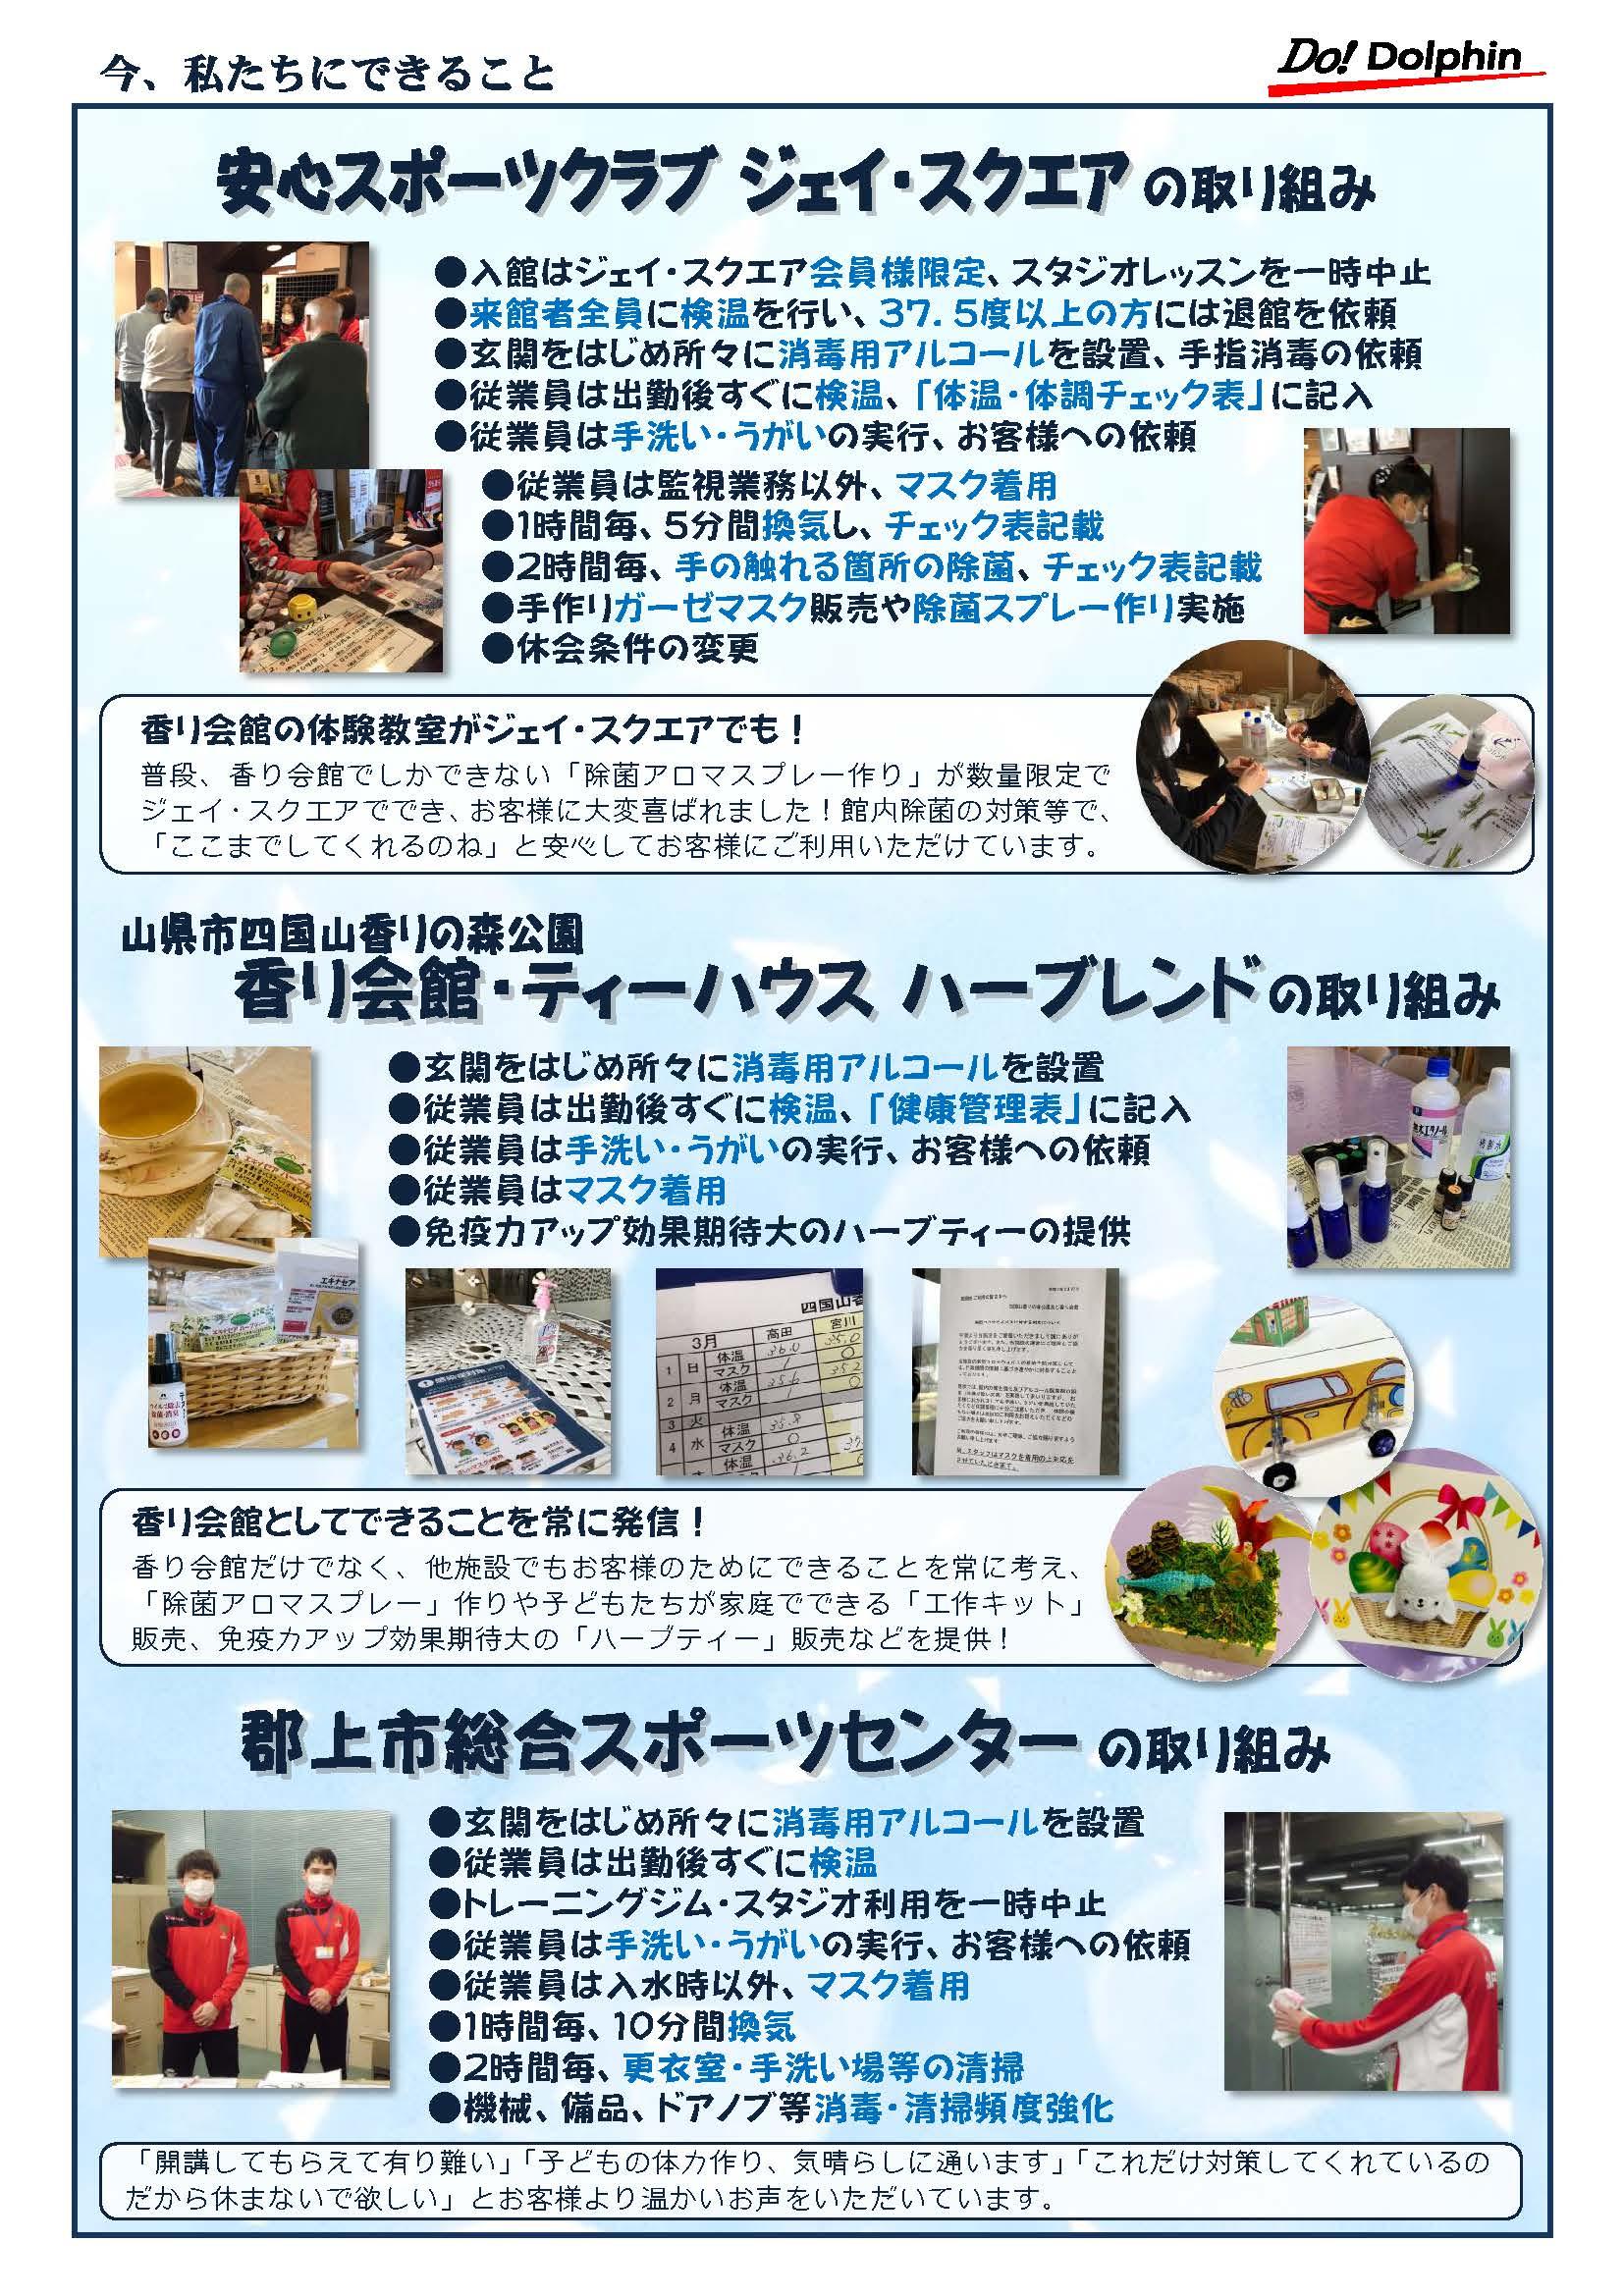 ドルフィン広報誌4月号再校_ページ_4